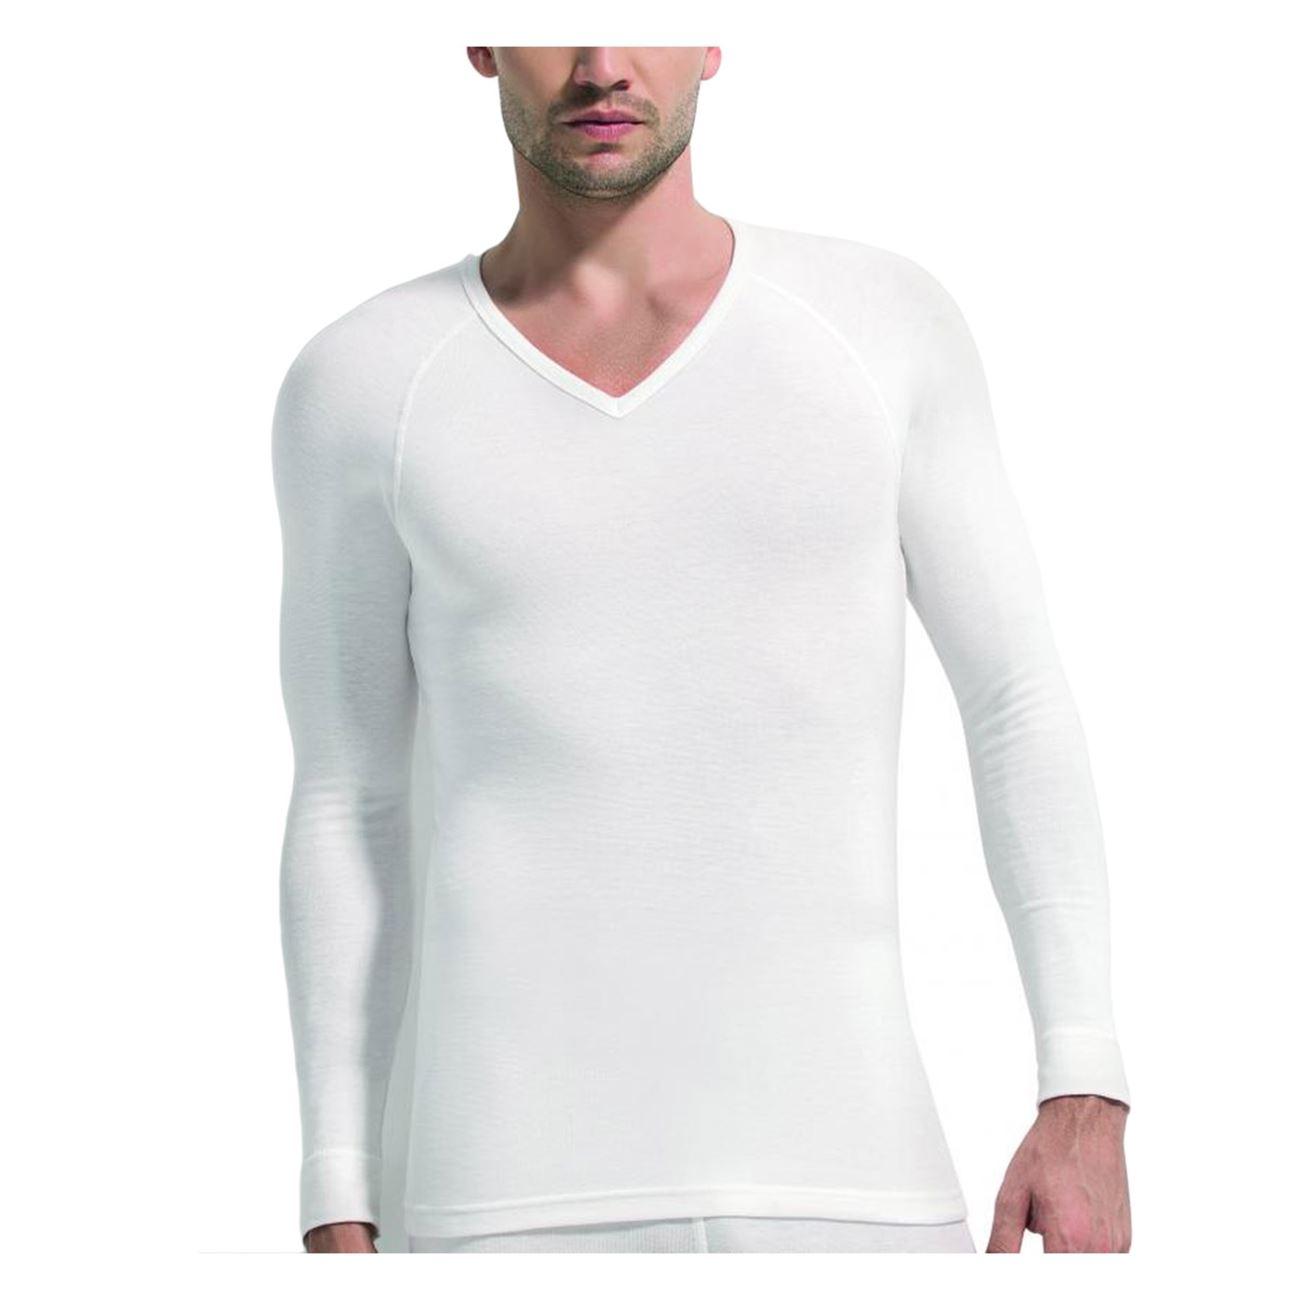 ... Ανδρικό Ισοθερμικό Μπλουζάκι V Μακρύ Μανίκι Μαύρο. -10%. FMS ... e0388793a54